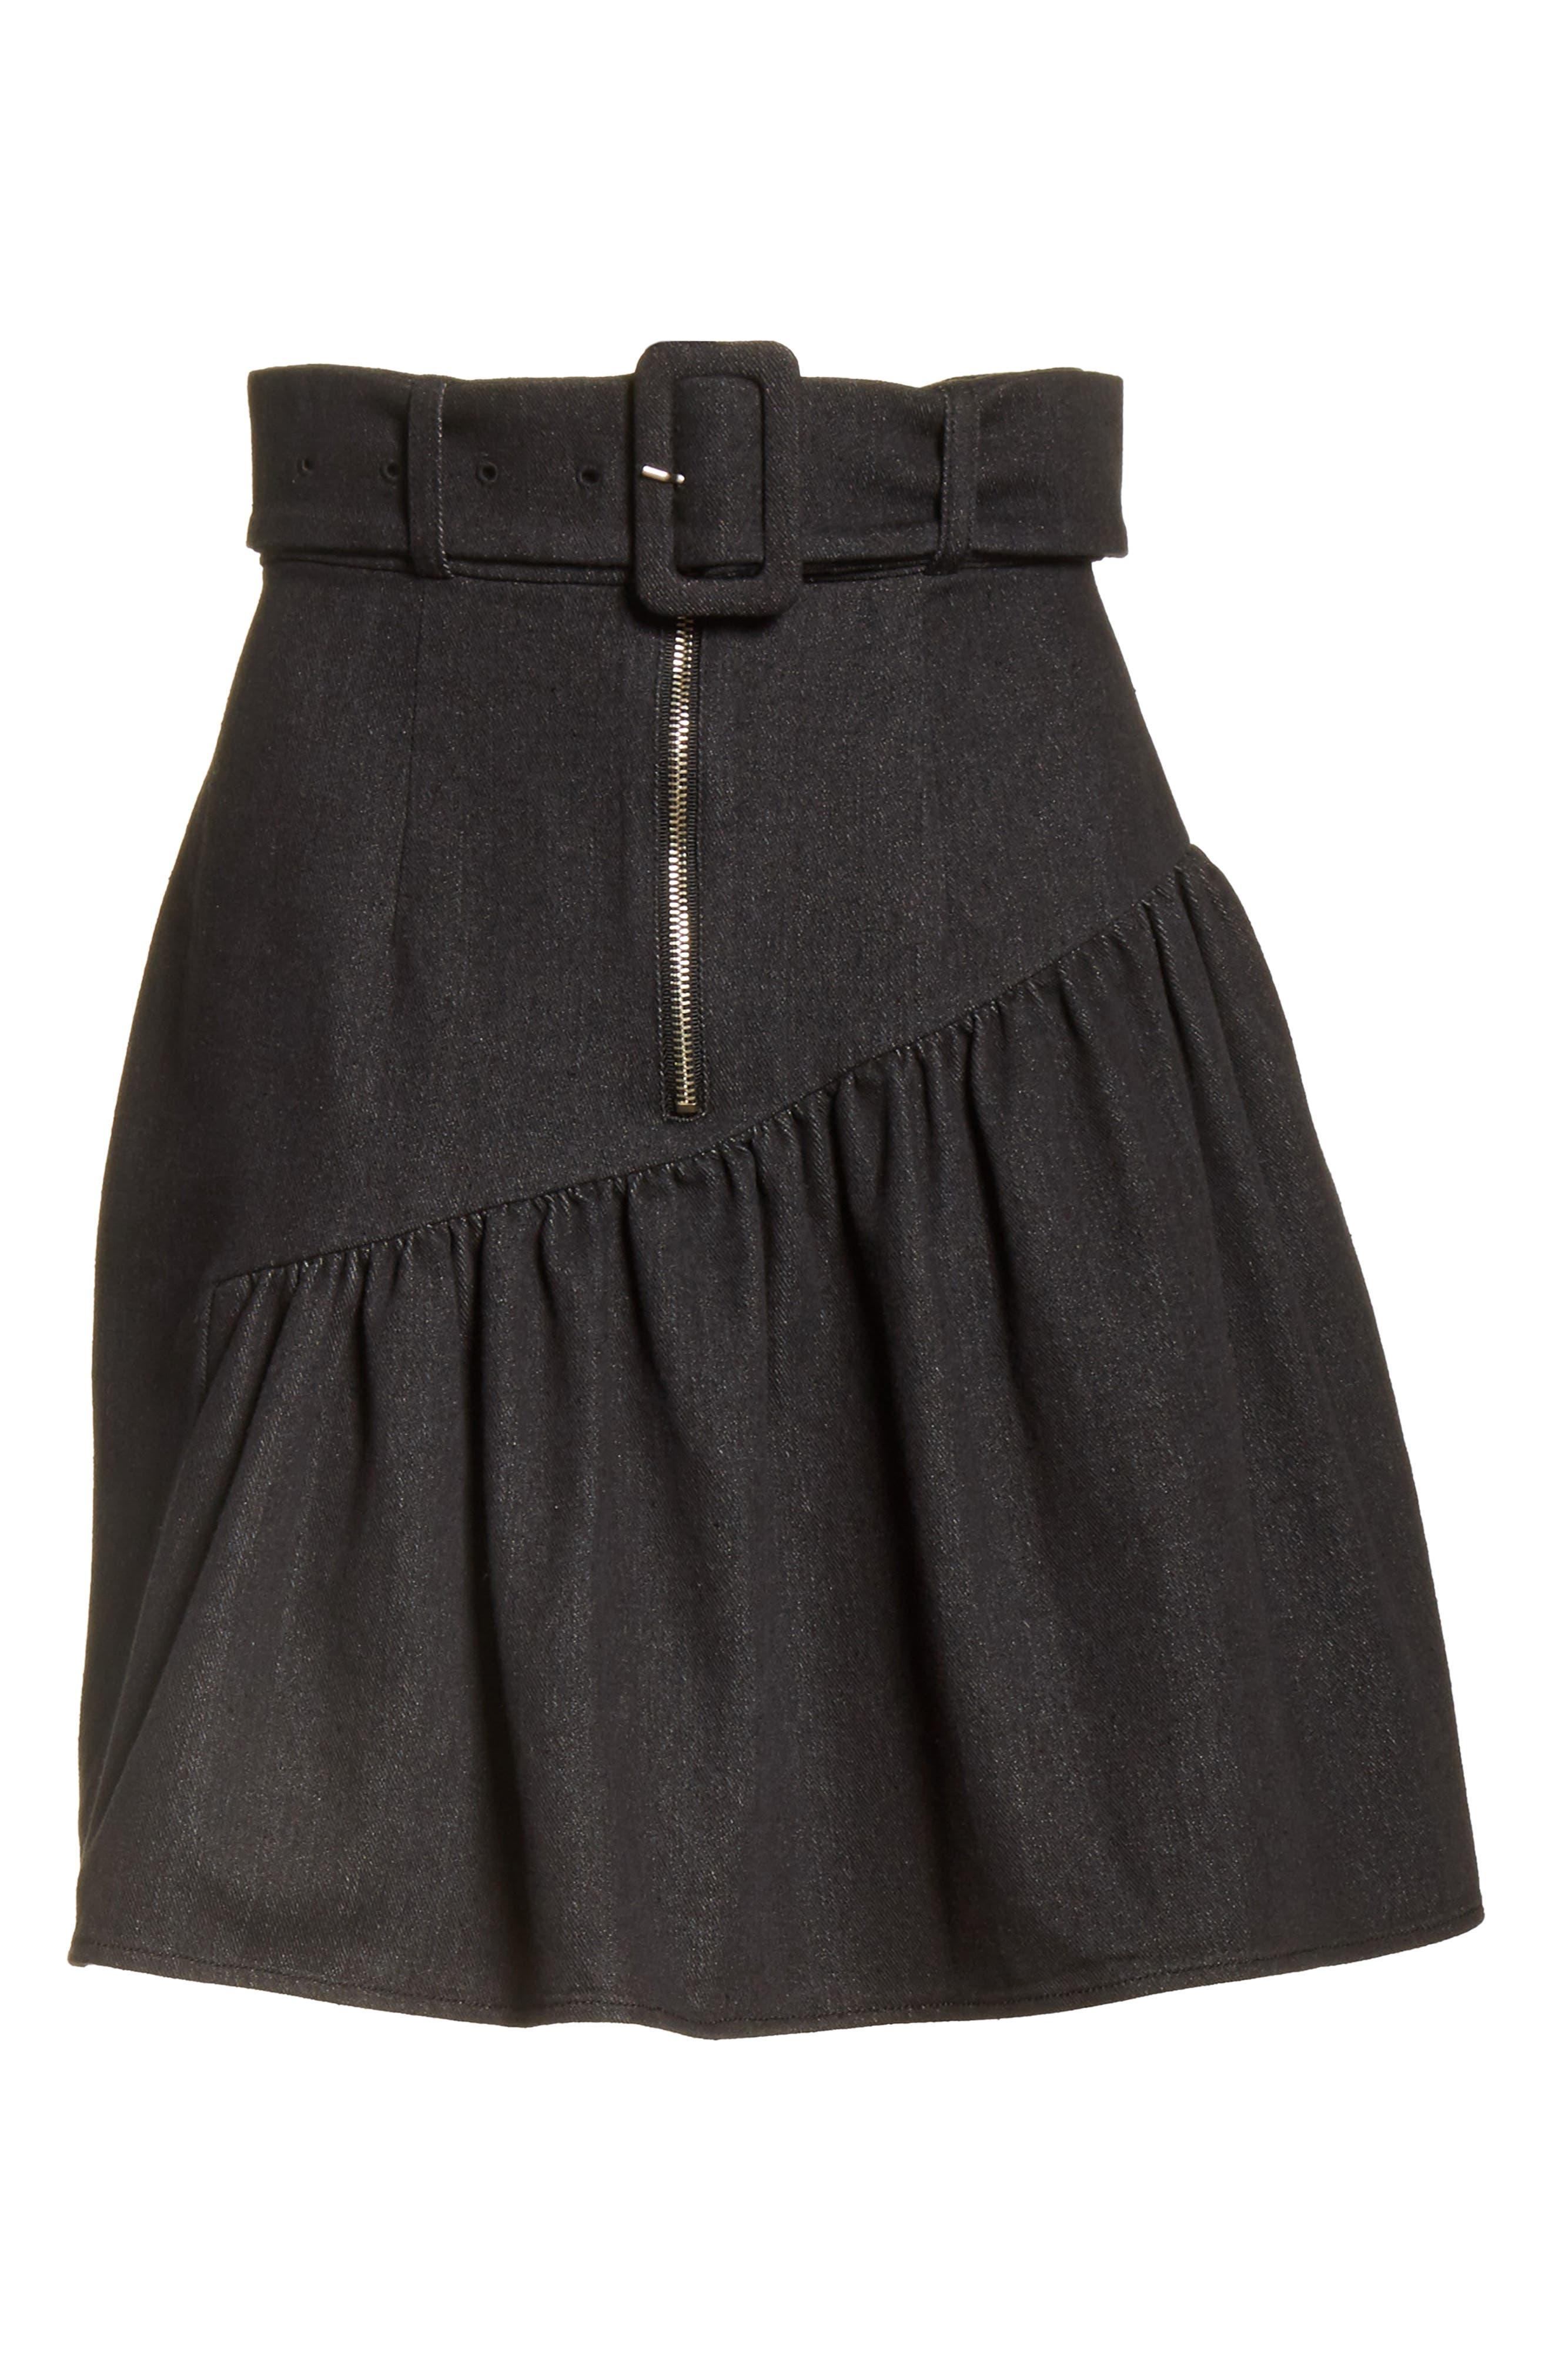 Belted Ruffle Denim Miniskirt,                             Alternate thumbnail 7, color,                             Cotton Denim Black